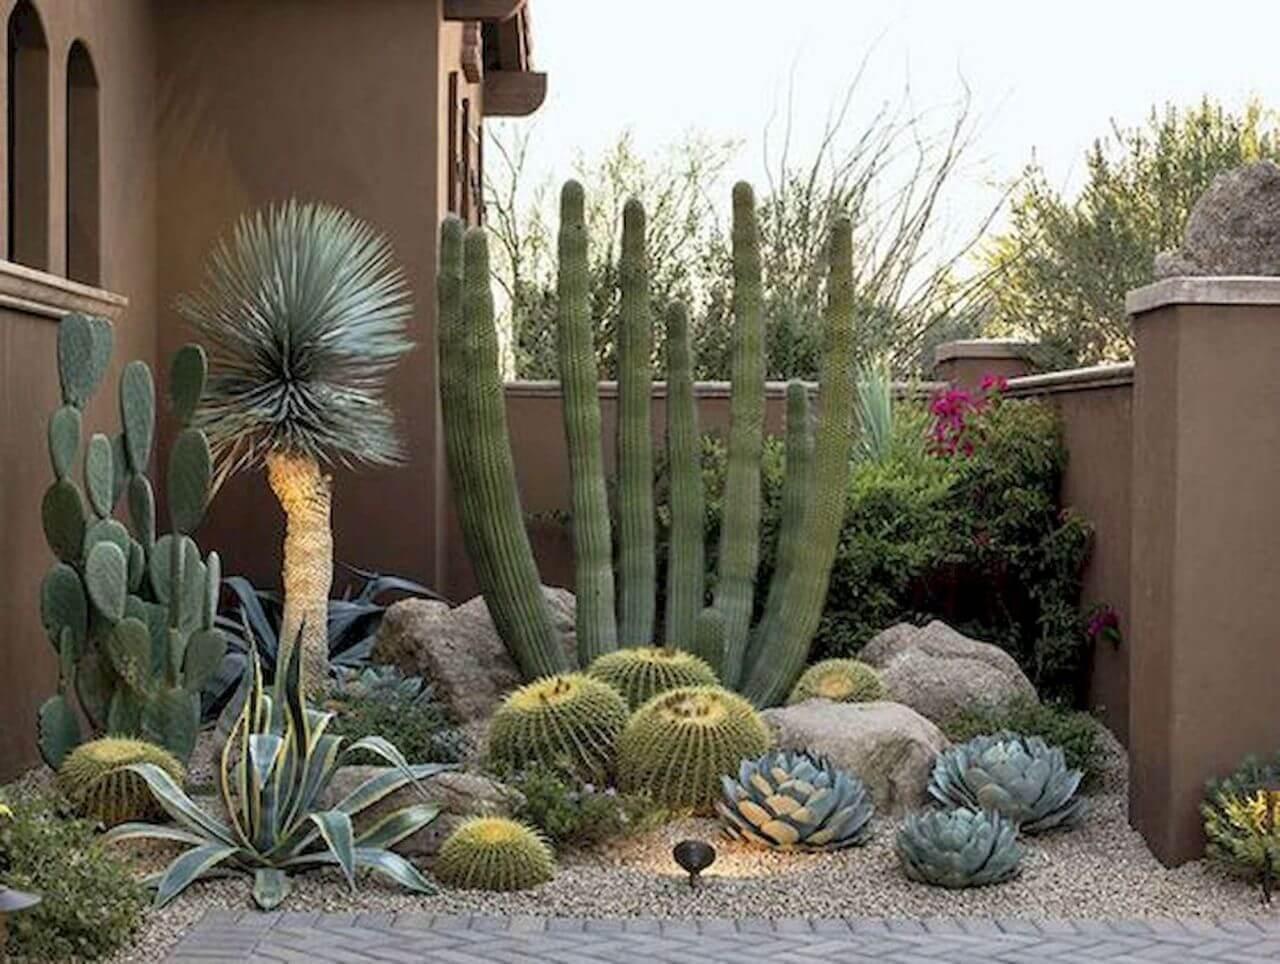 Cactus - Desert Landscaping Ideas